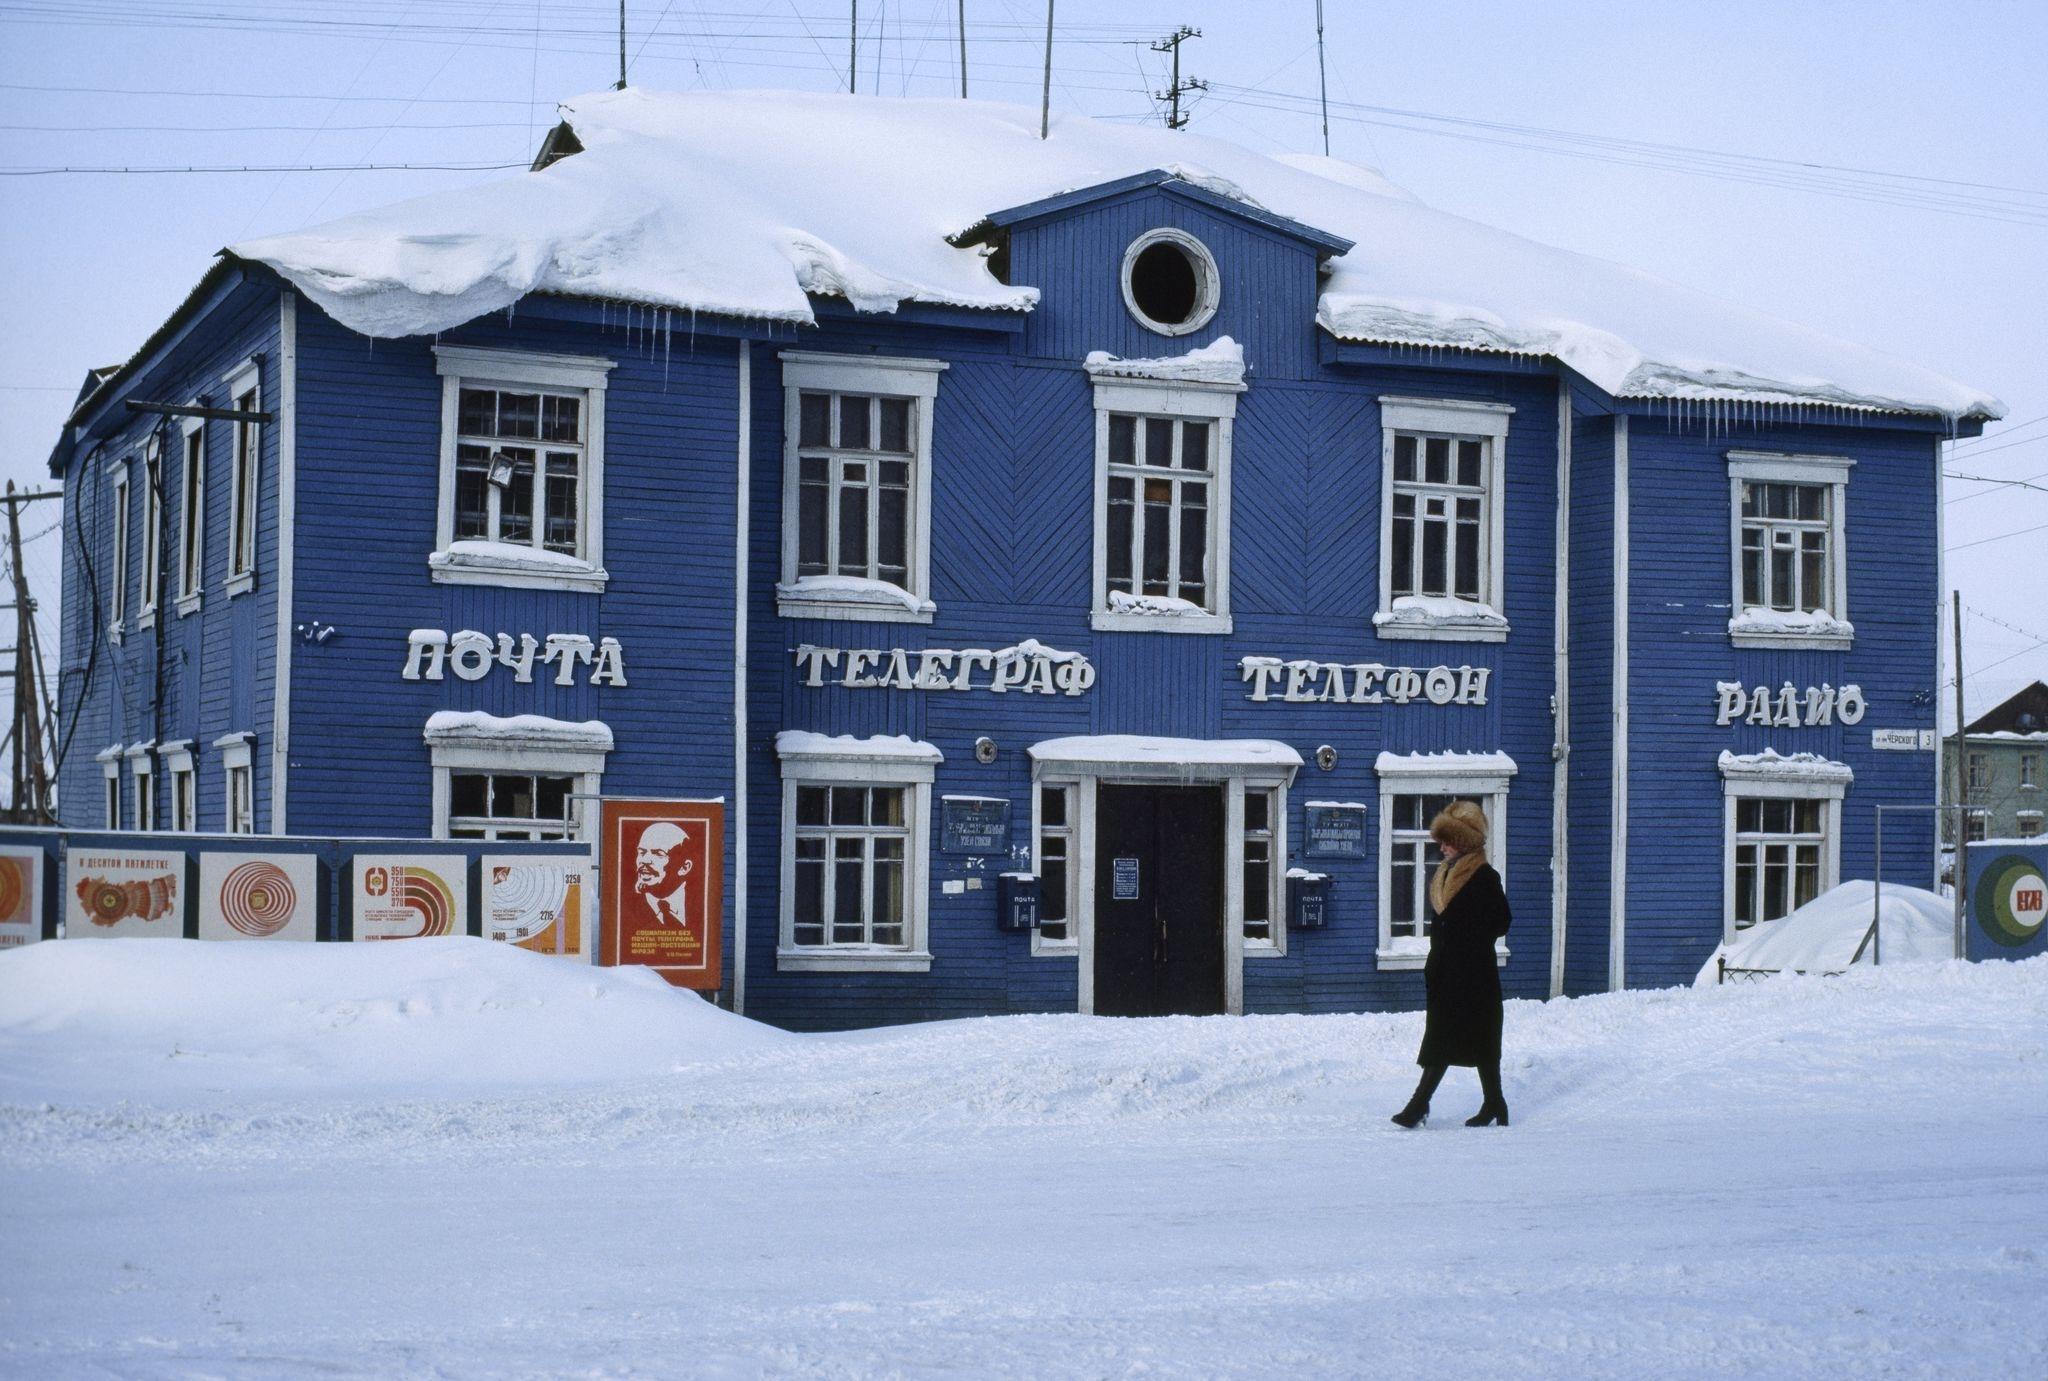 Зырянка. Заснеженное здание в арктическом городе. 1980.jpg